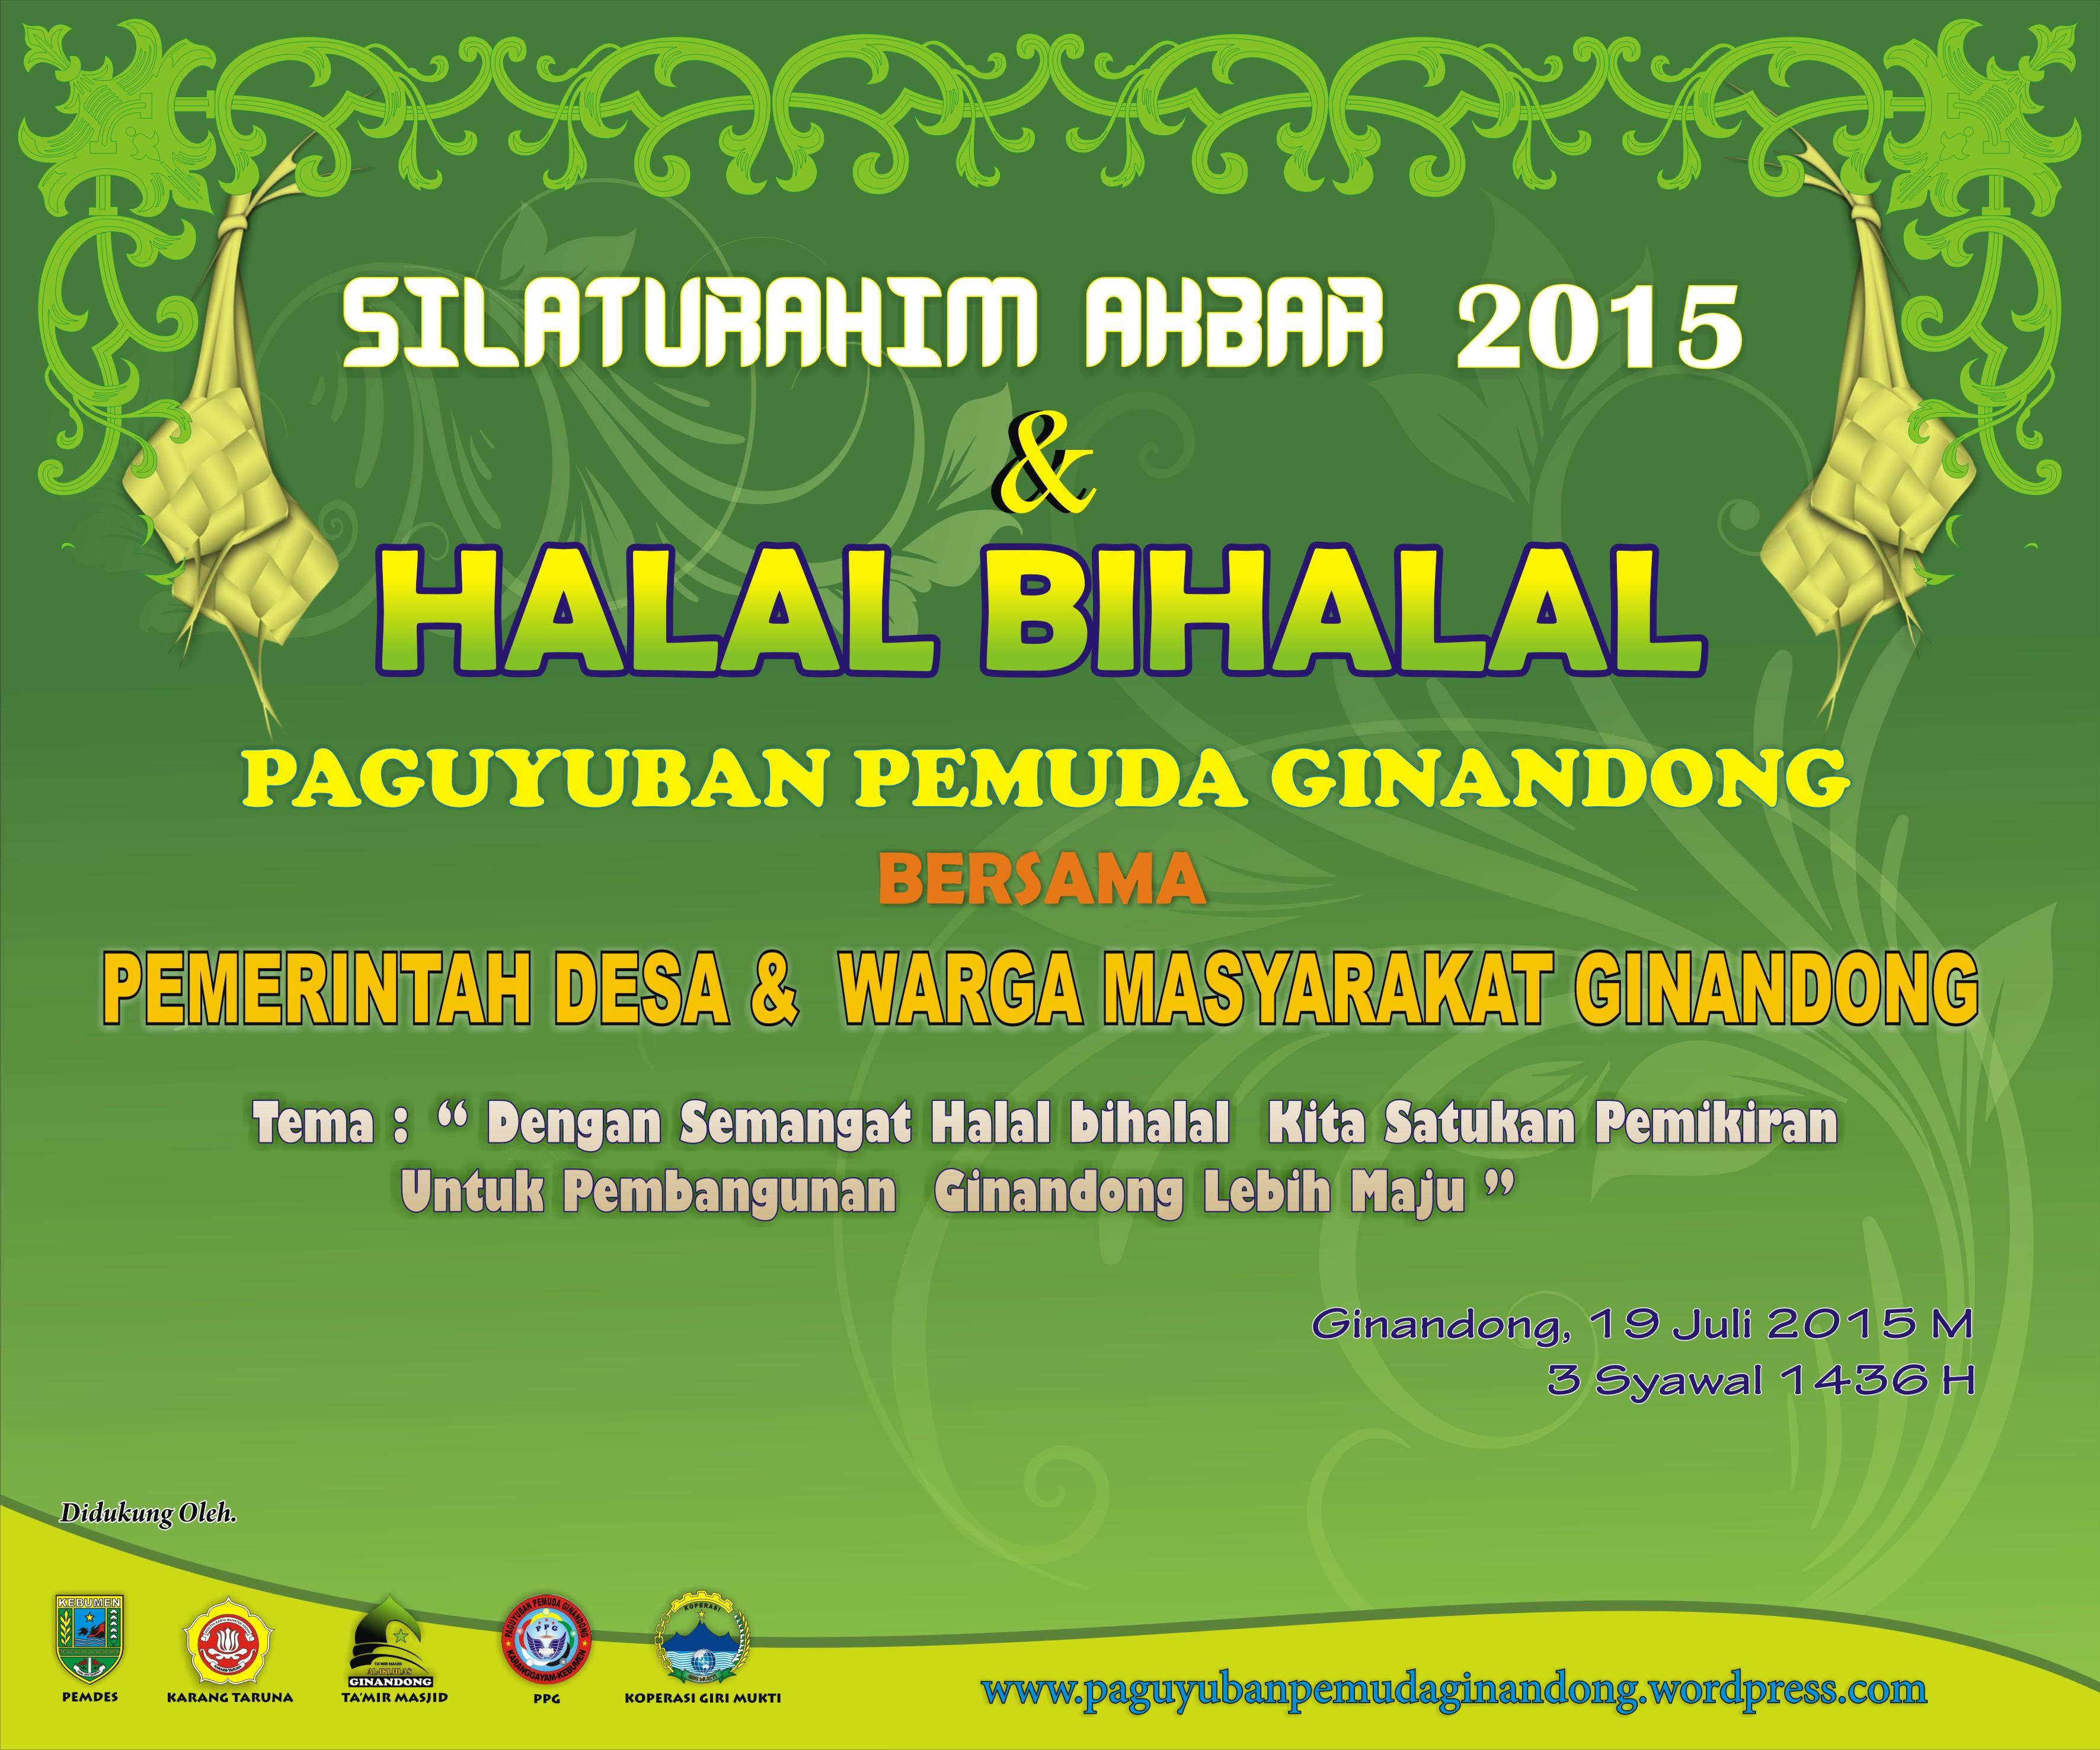 Silaturahim Akbar Halal Bihalal 2015 Paguyuban Pemuda Ginandong